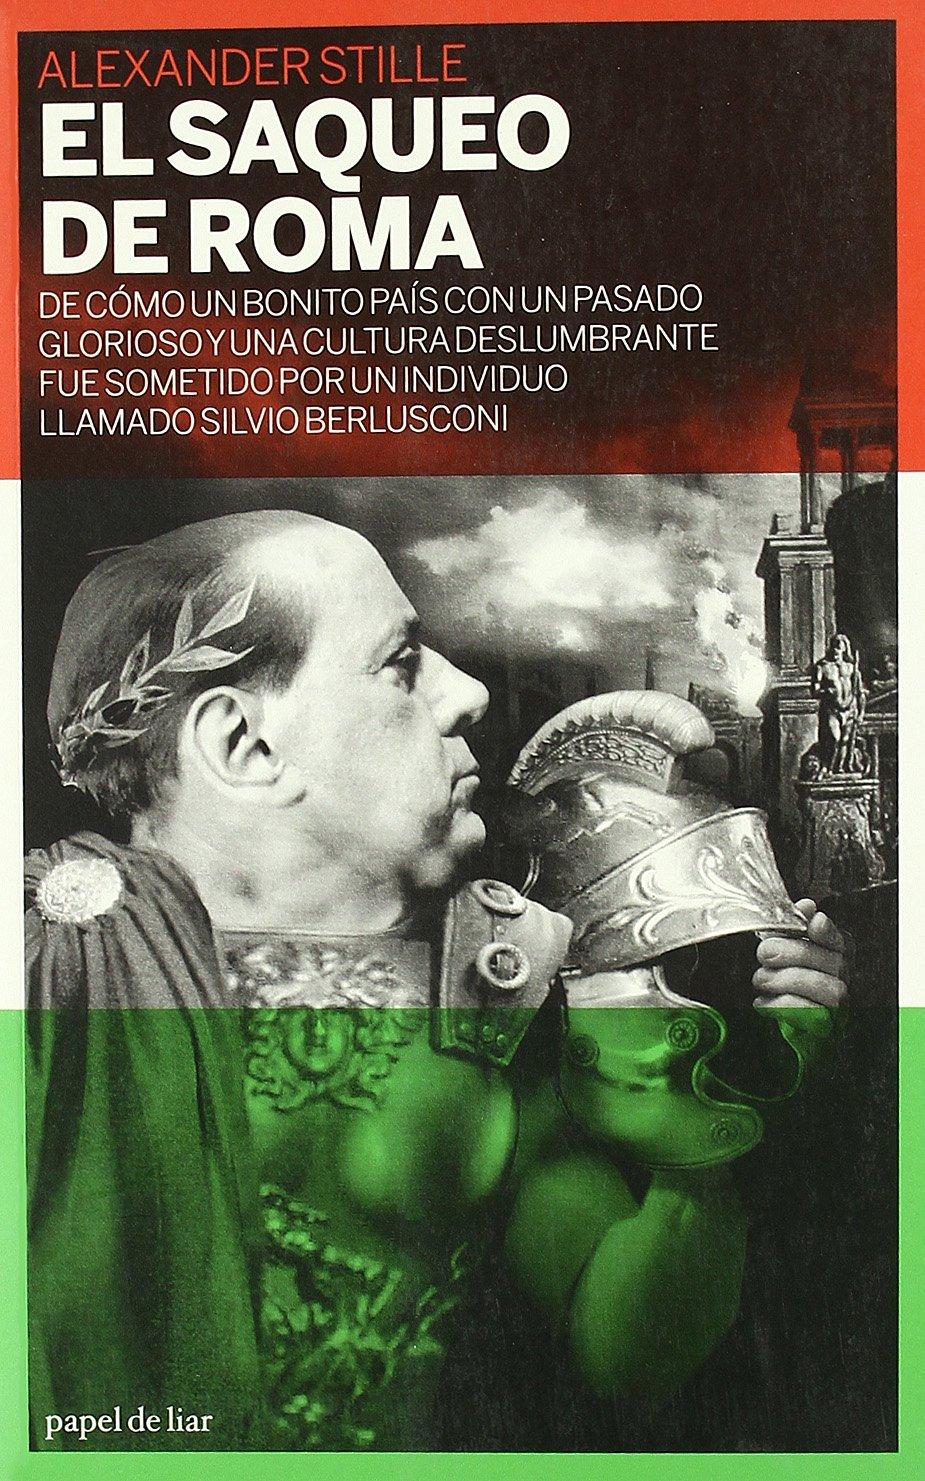 El saqueo de Roma: De cómo un bonito país con un pasado glorioso y una cultura deslumbrante fue sometido por un individuo llamado Silvio Berlusconi papel de liar: Amazon.es: Stille, Alexander, Izquierdo,